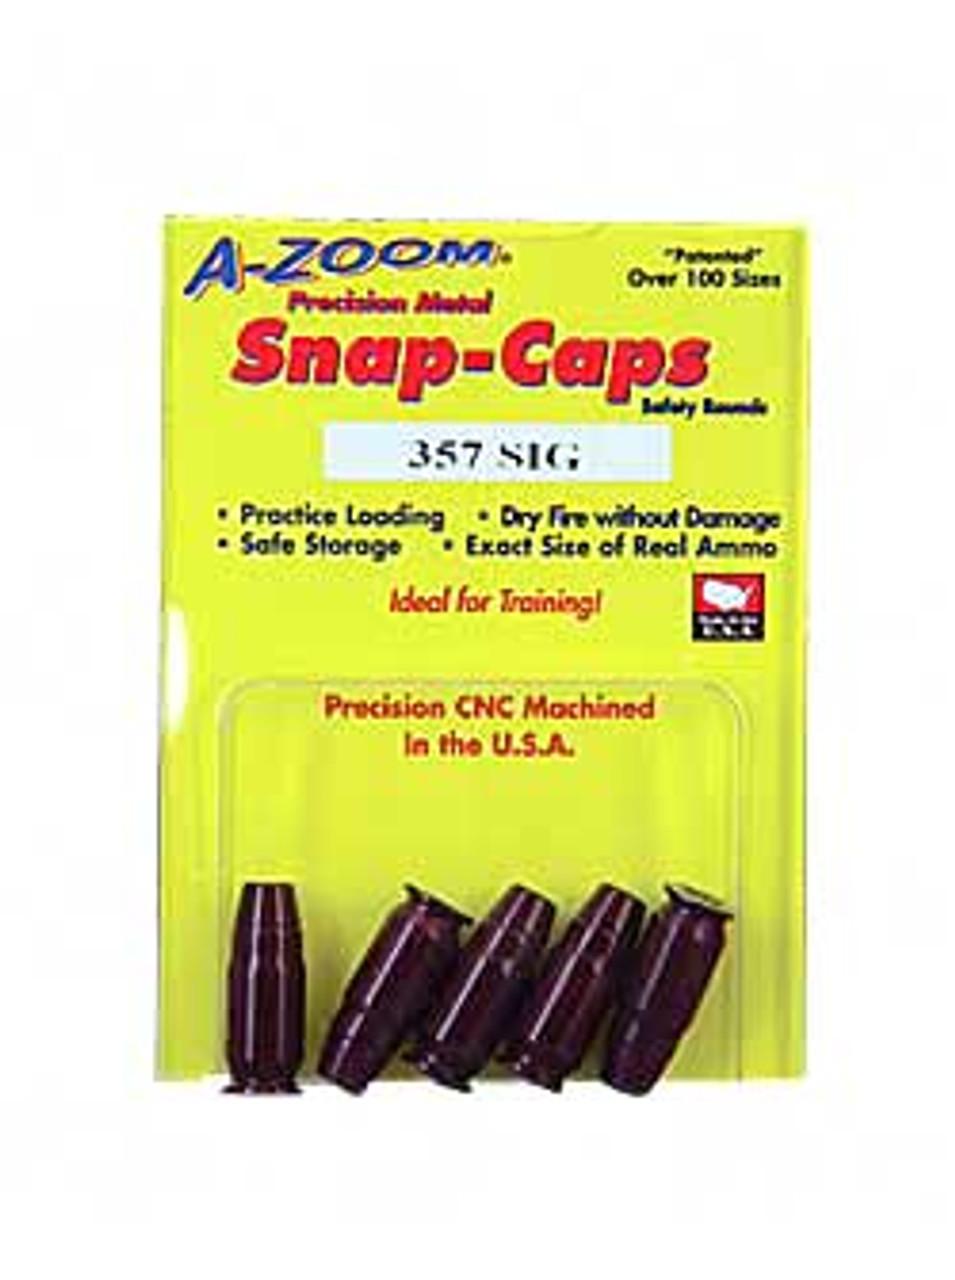 A-Zoom 357 Snap Caps